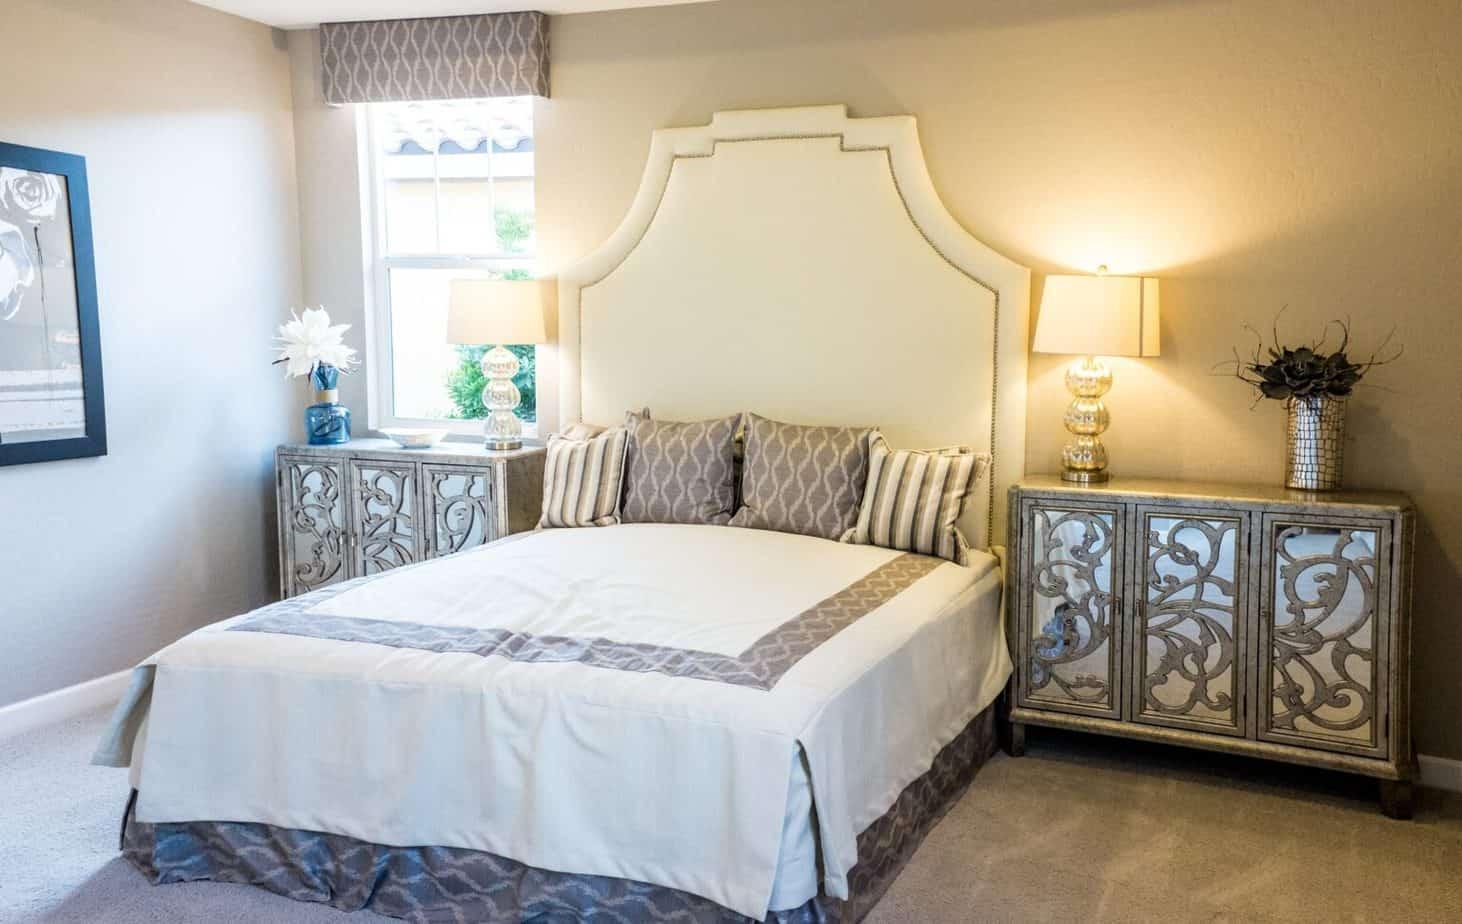 sypialnia w stylu glamour Duszynska Design 7